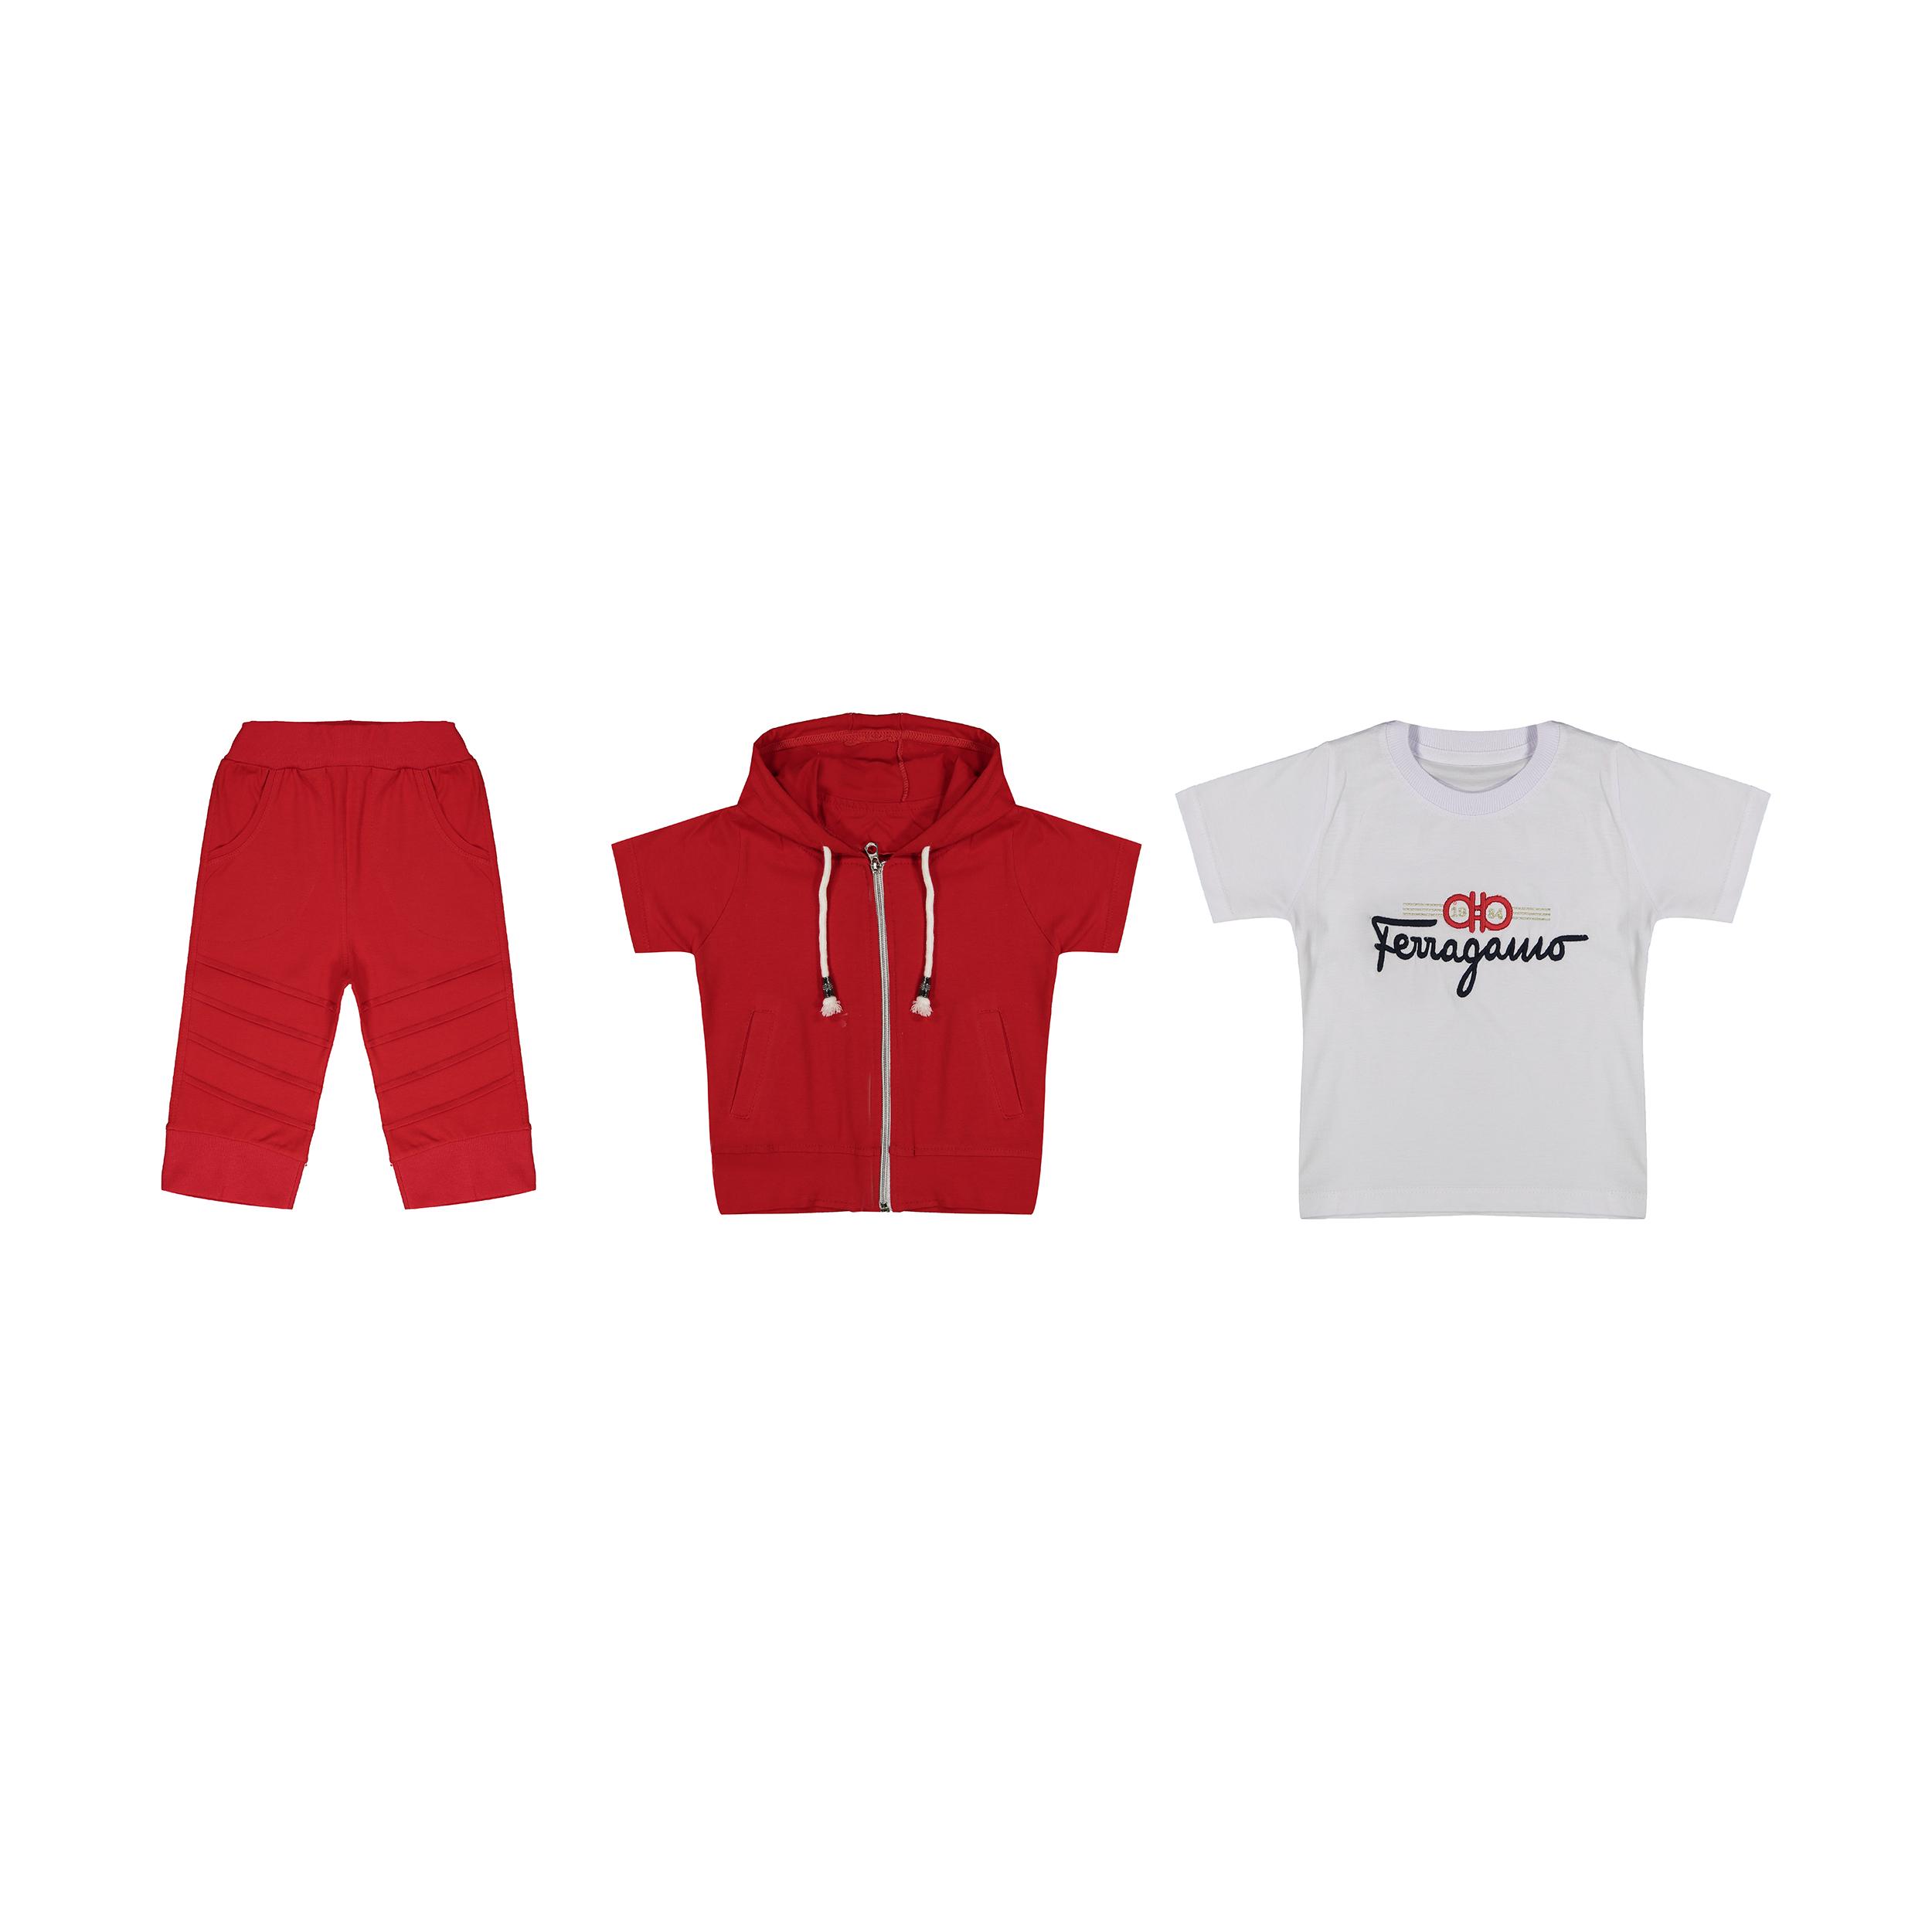 ست 3 تکه لباس پسرانه مدل HL-01 رنگ قرمز